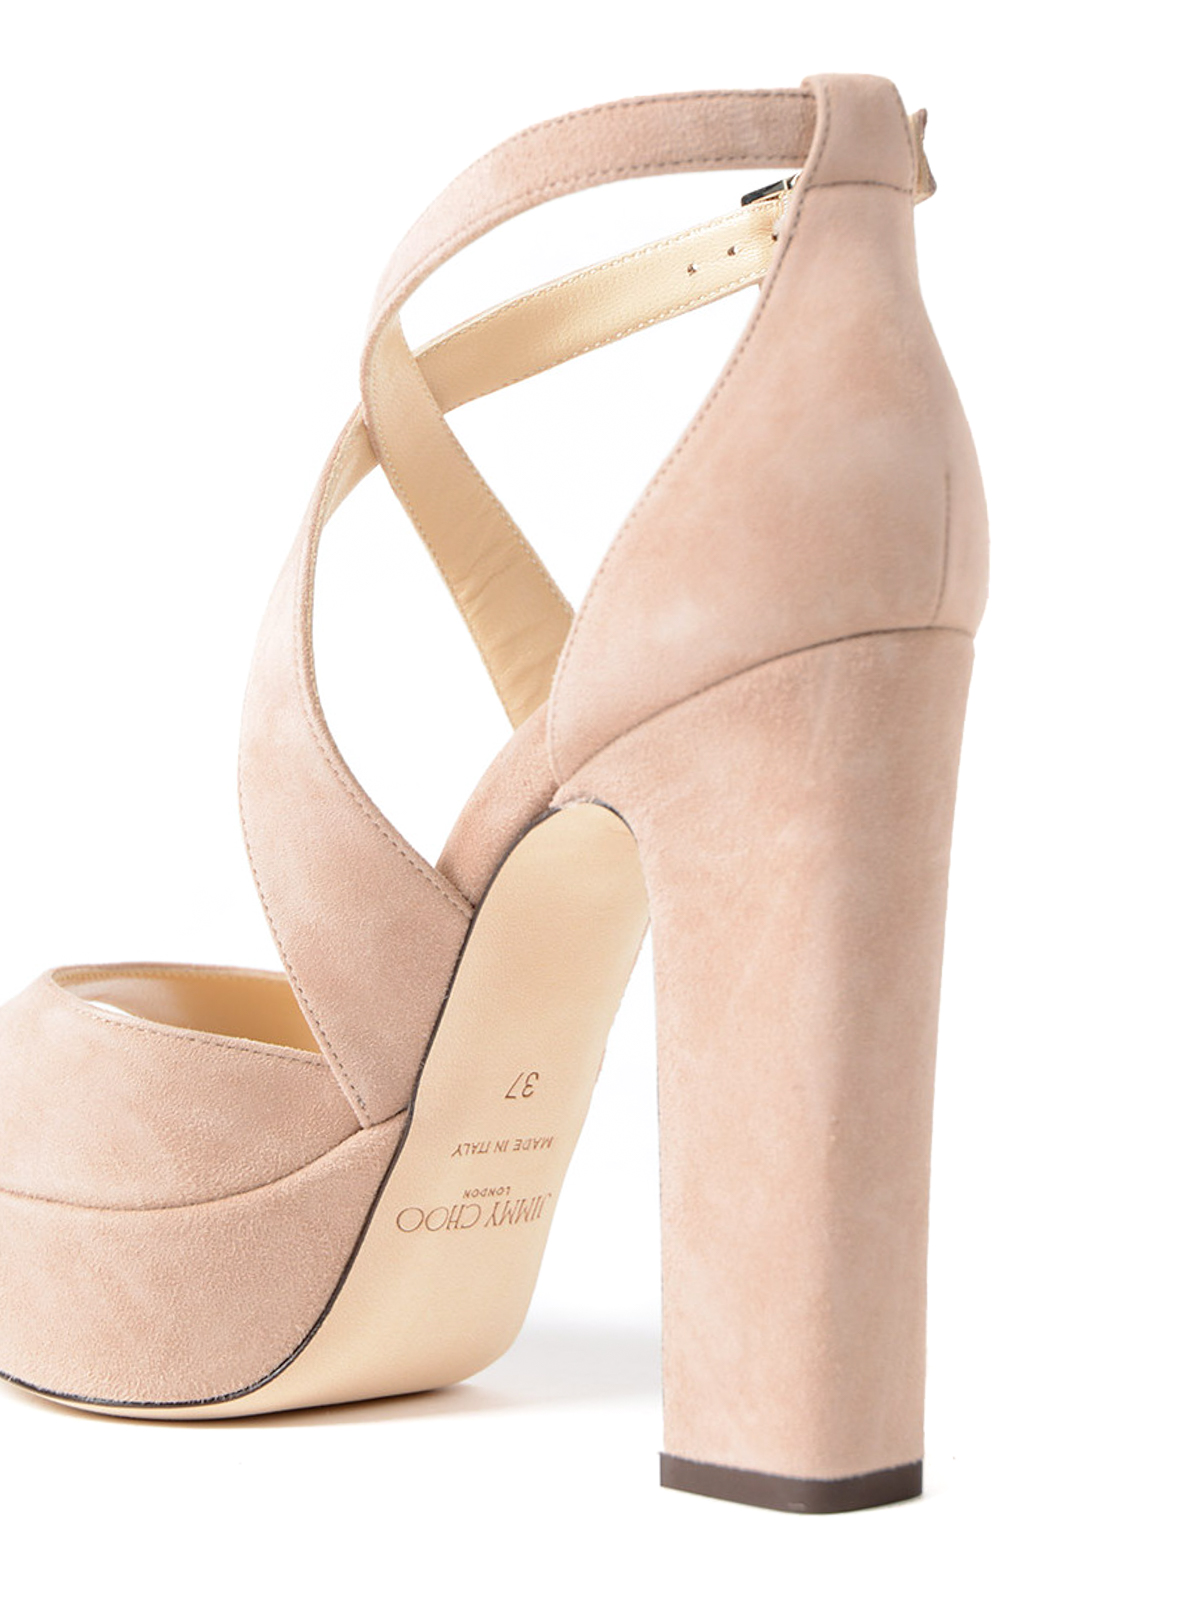 d4db4c386802 Jimmy Choo - April 120 suede platform sandals - sandals ...